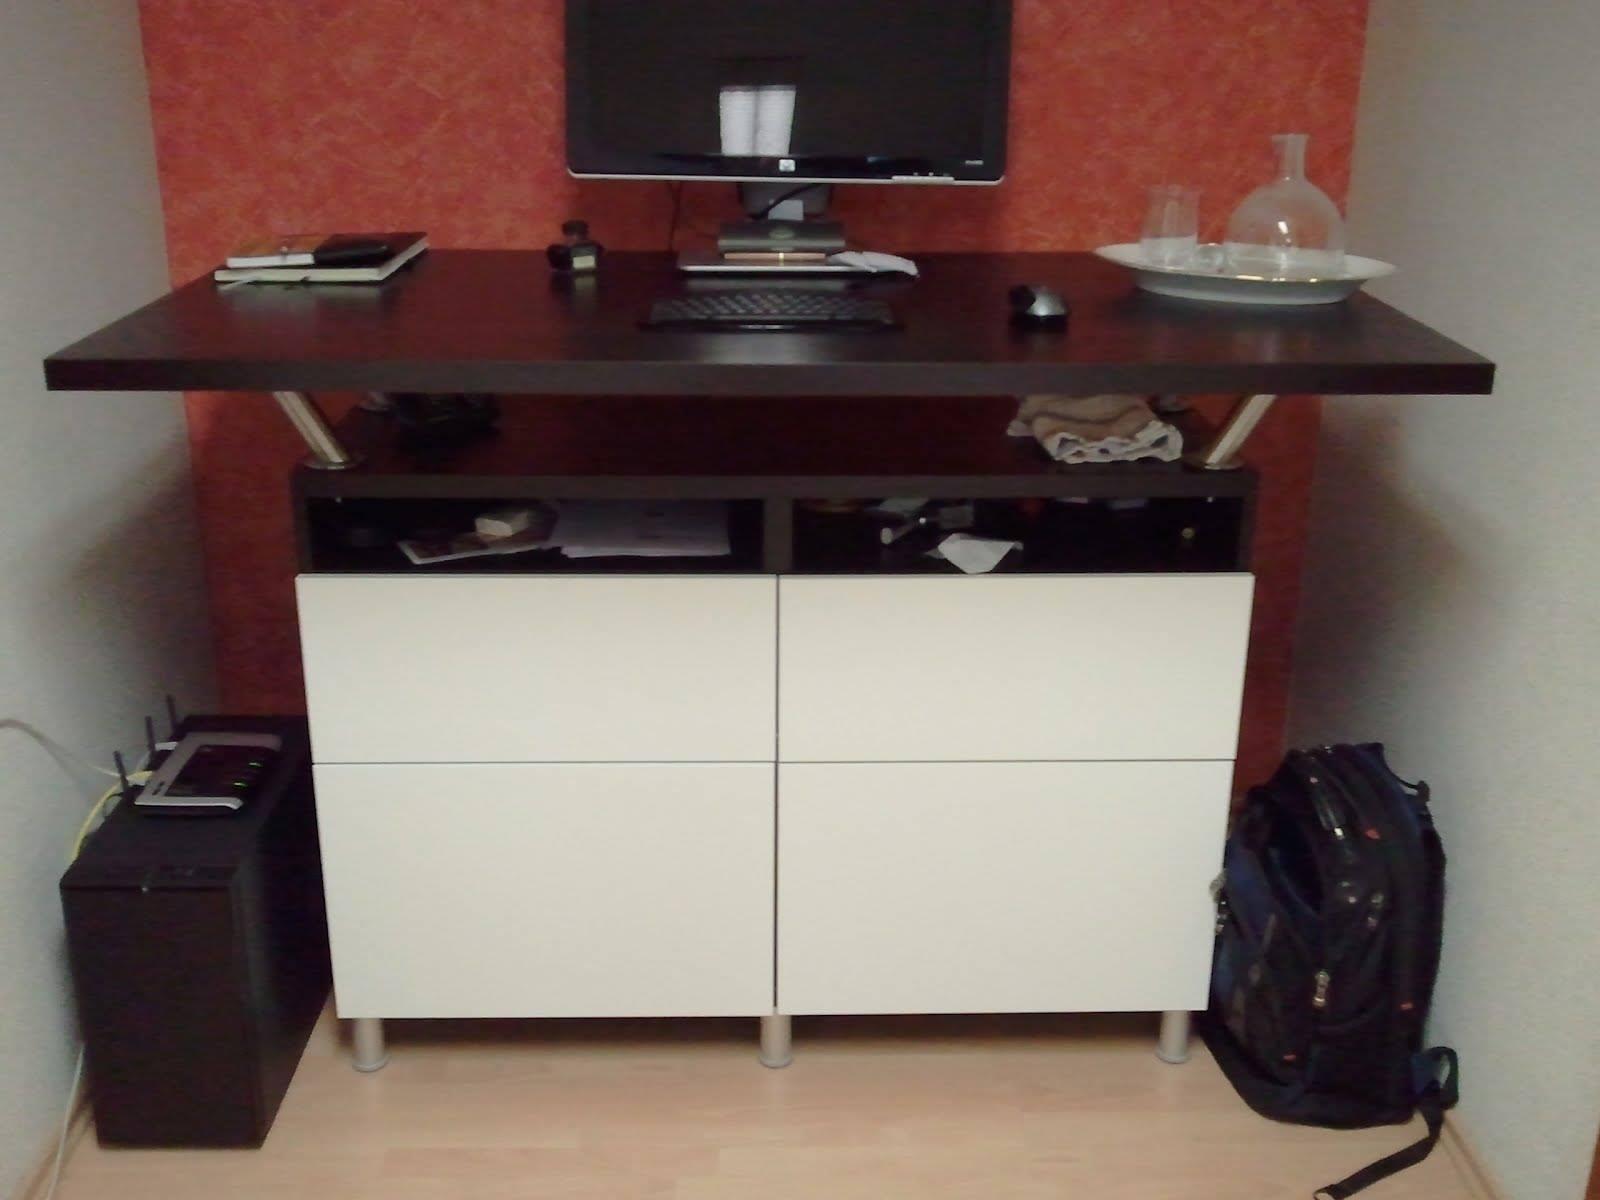 montar una cabina de dj con muebles de ikea con un